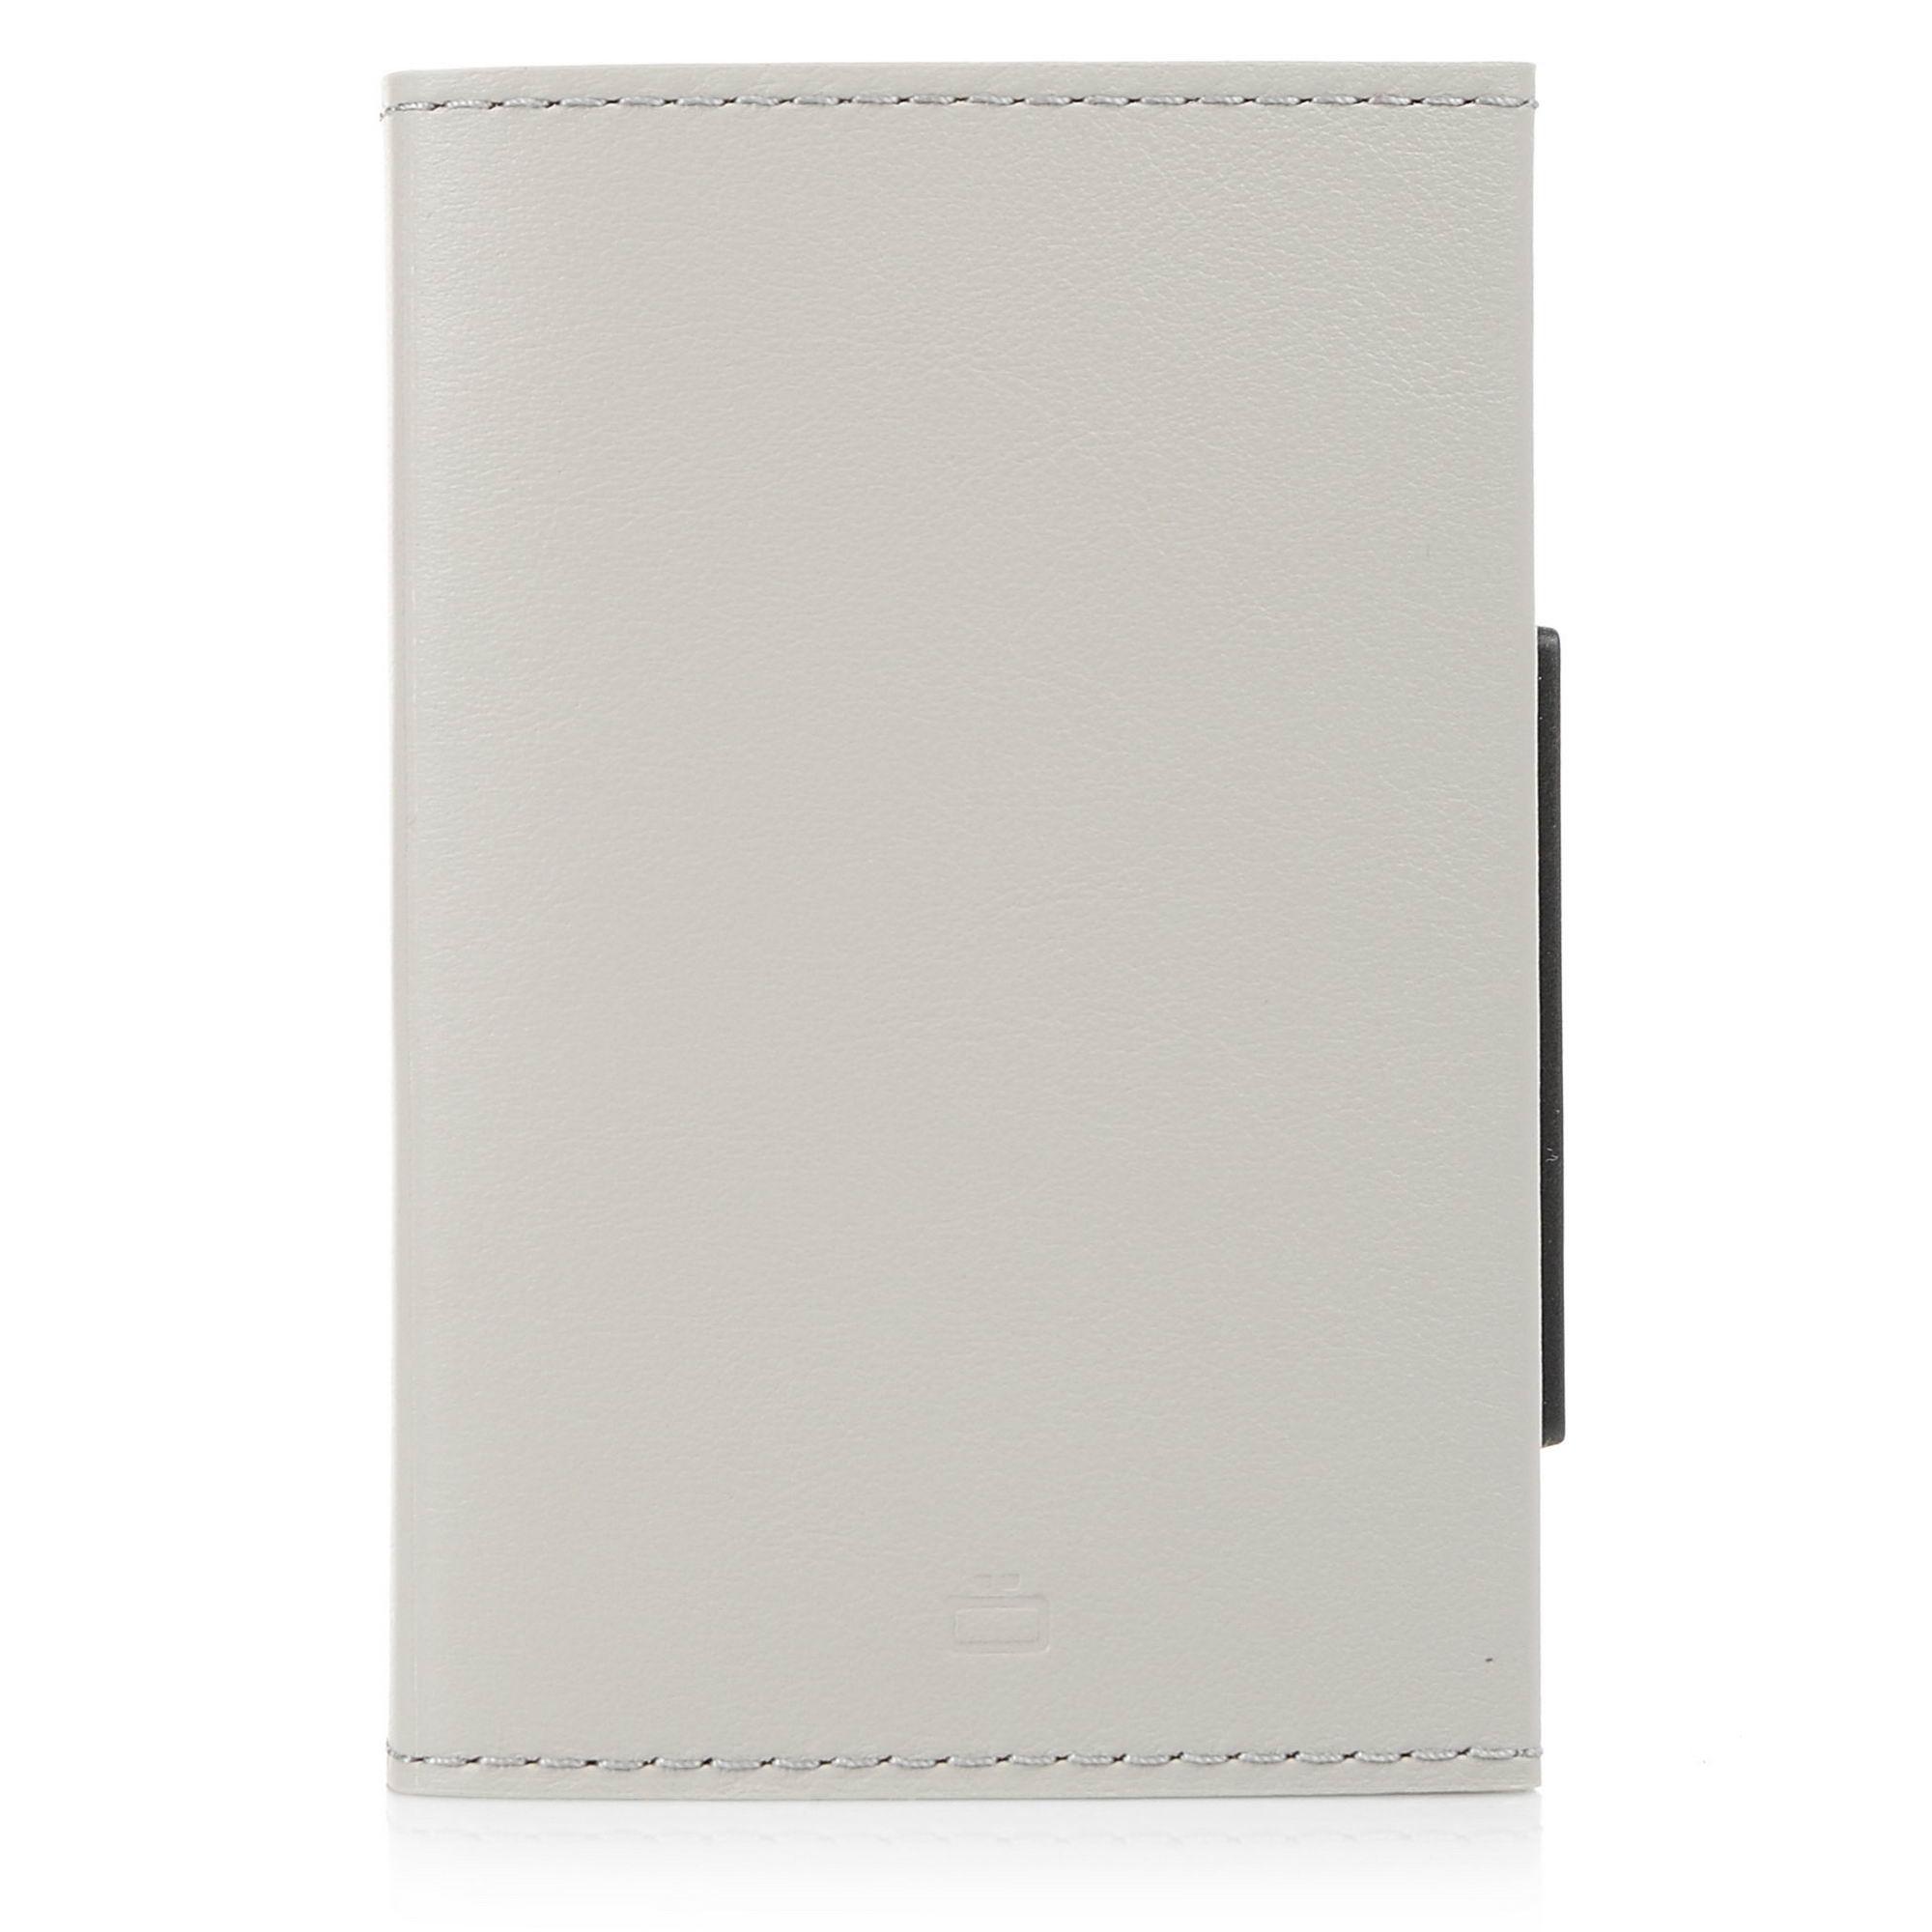 Καρτοθήκη Ogon Designs Cascade Wallet ανδρας   καρτοθήκη